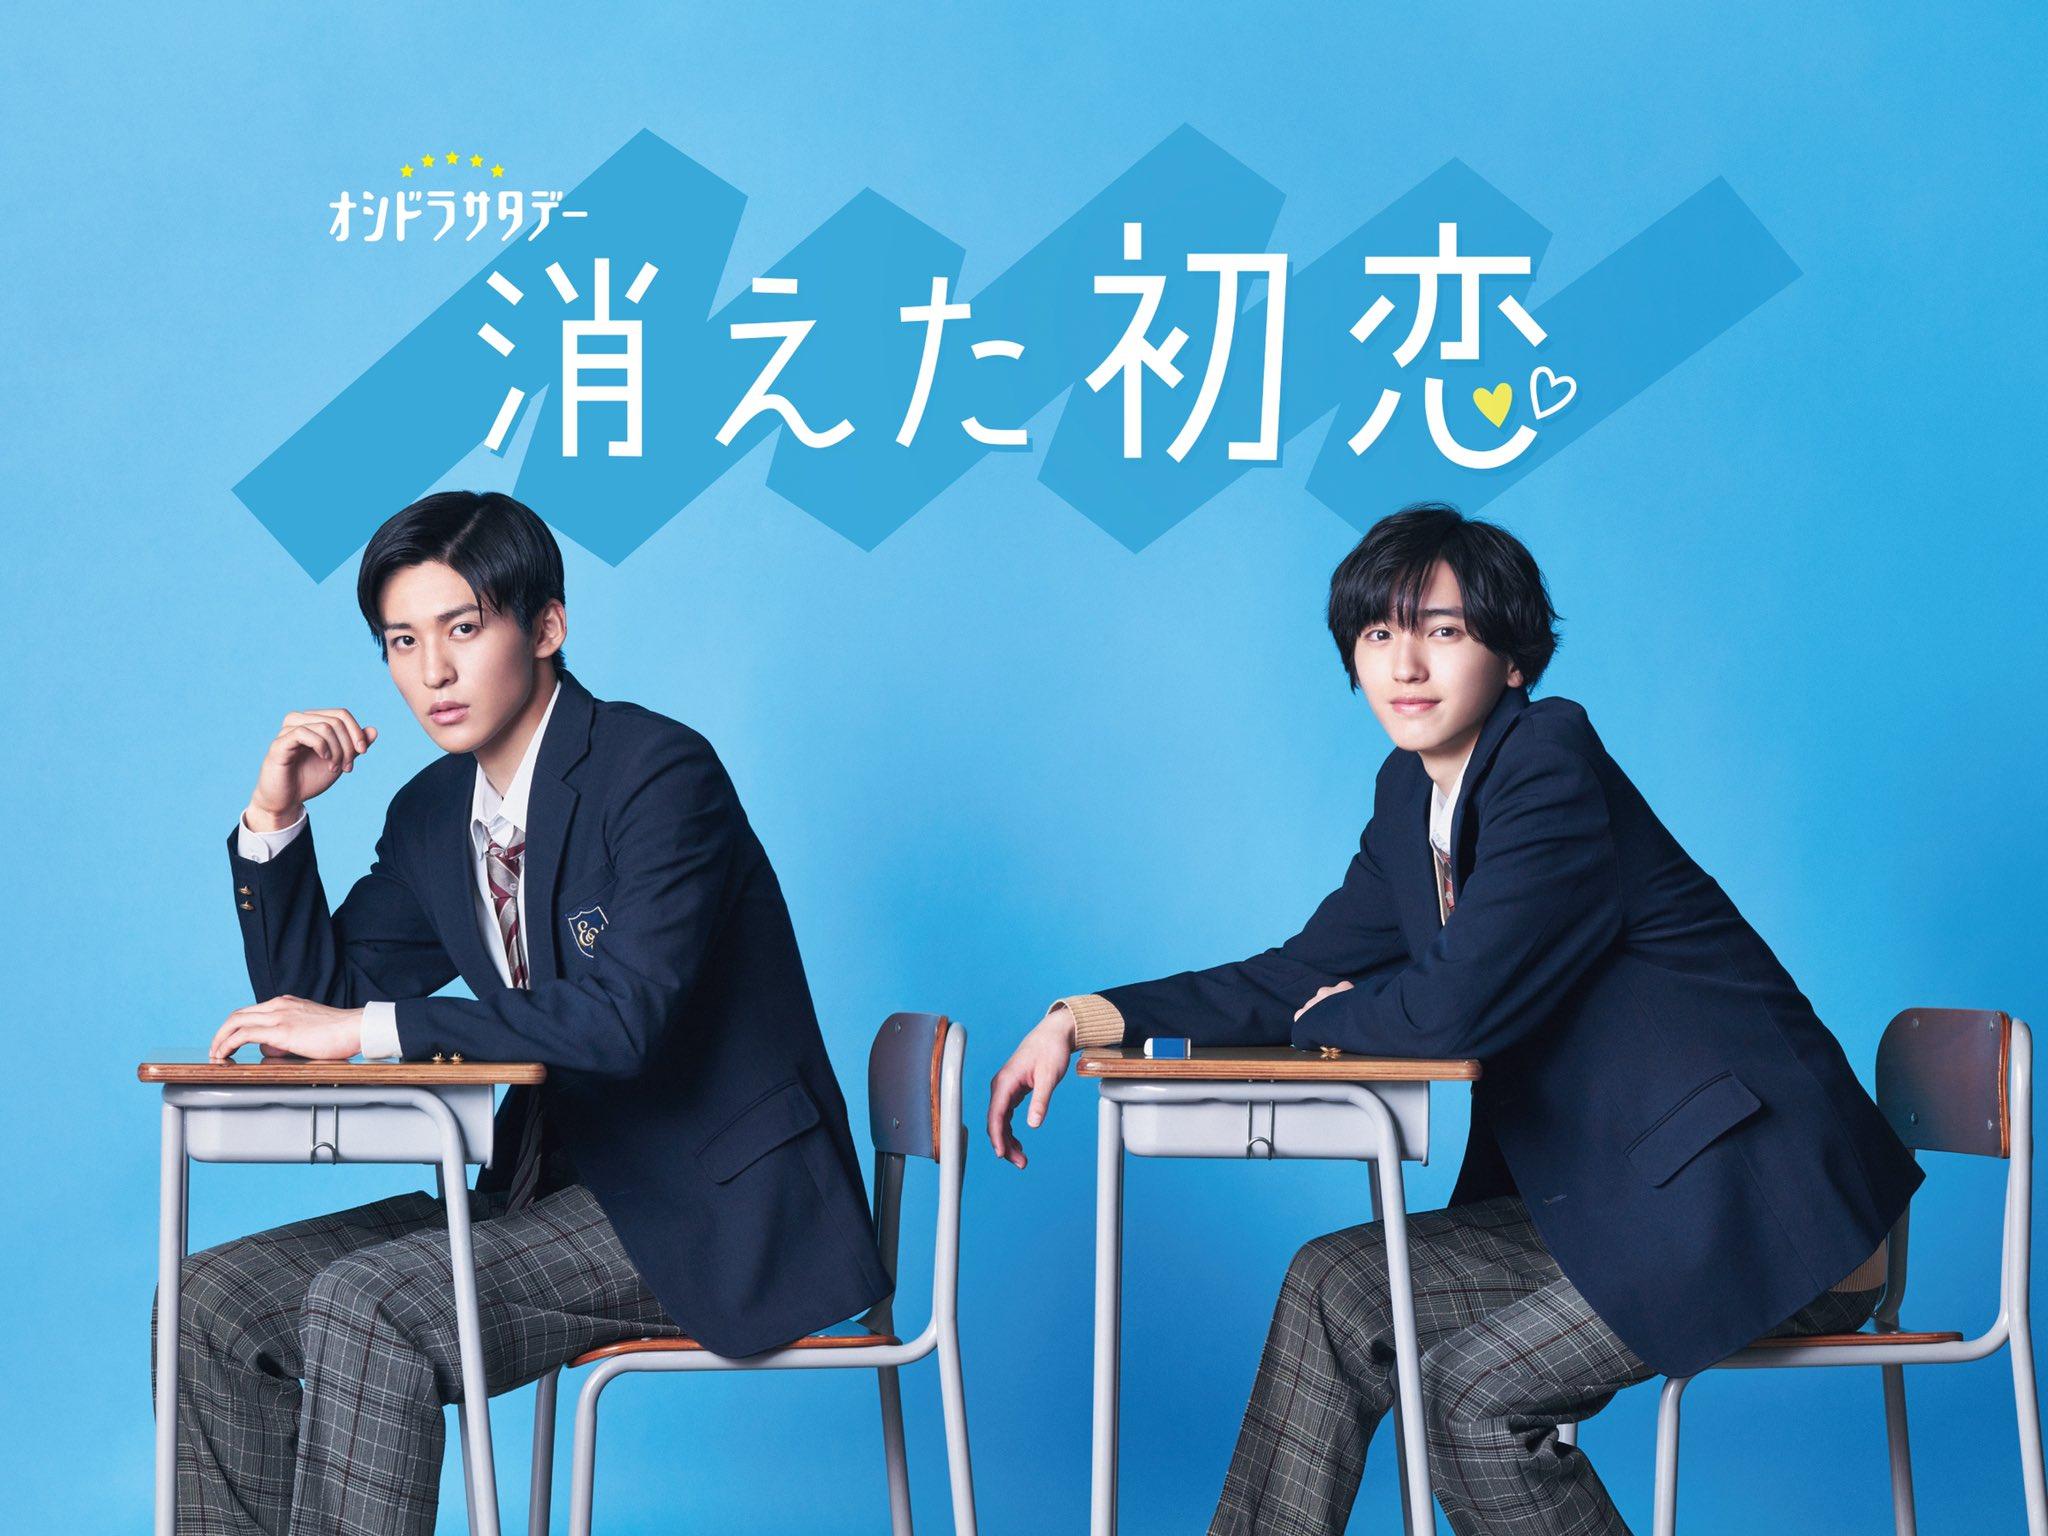 ドラマ「消えた初恋」道枝駿佑さん&目黒蓮さんW主演!勘違いから始まるラブコメディ